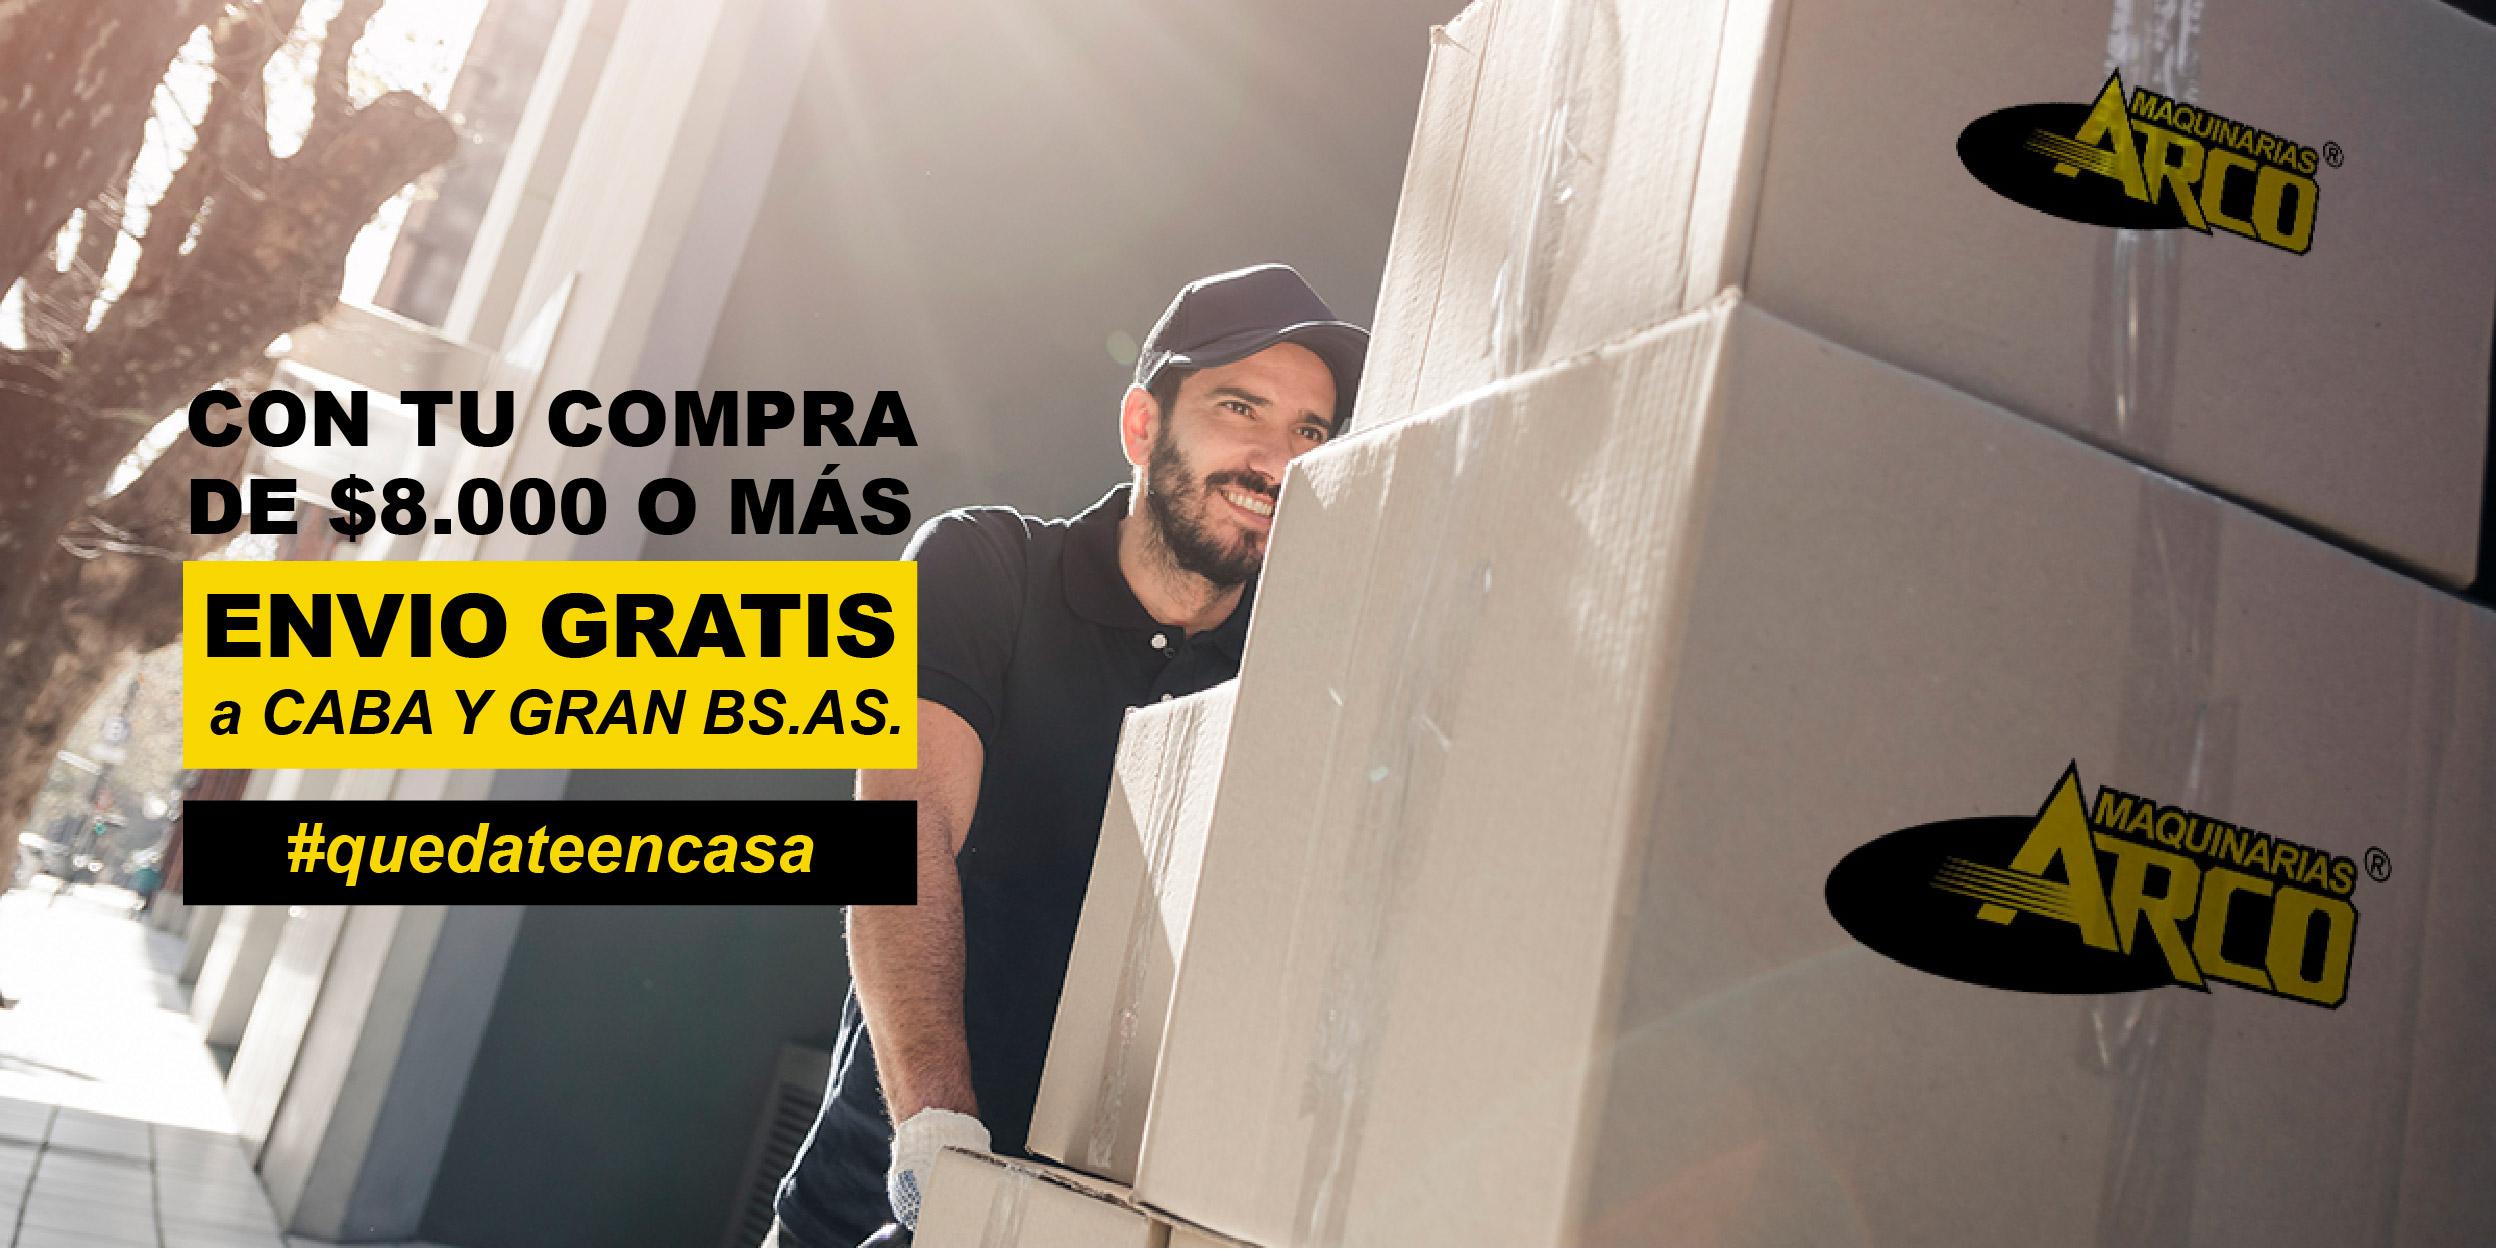 slider https://arcomaquinarias.com/politica-envios-y-devoluciones